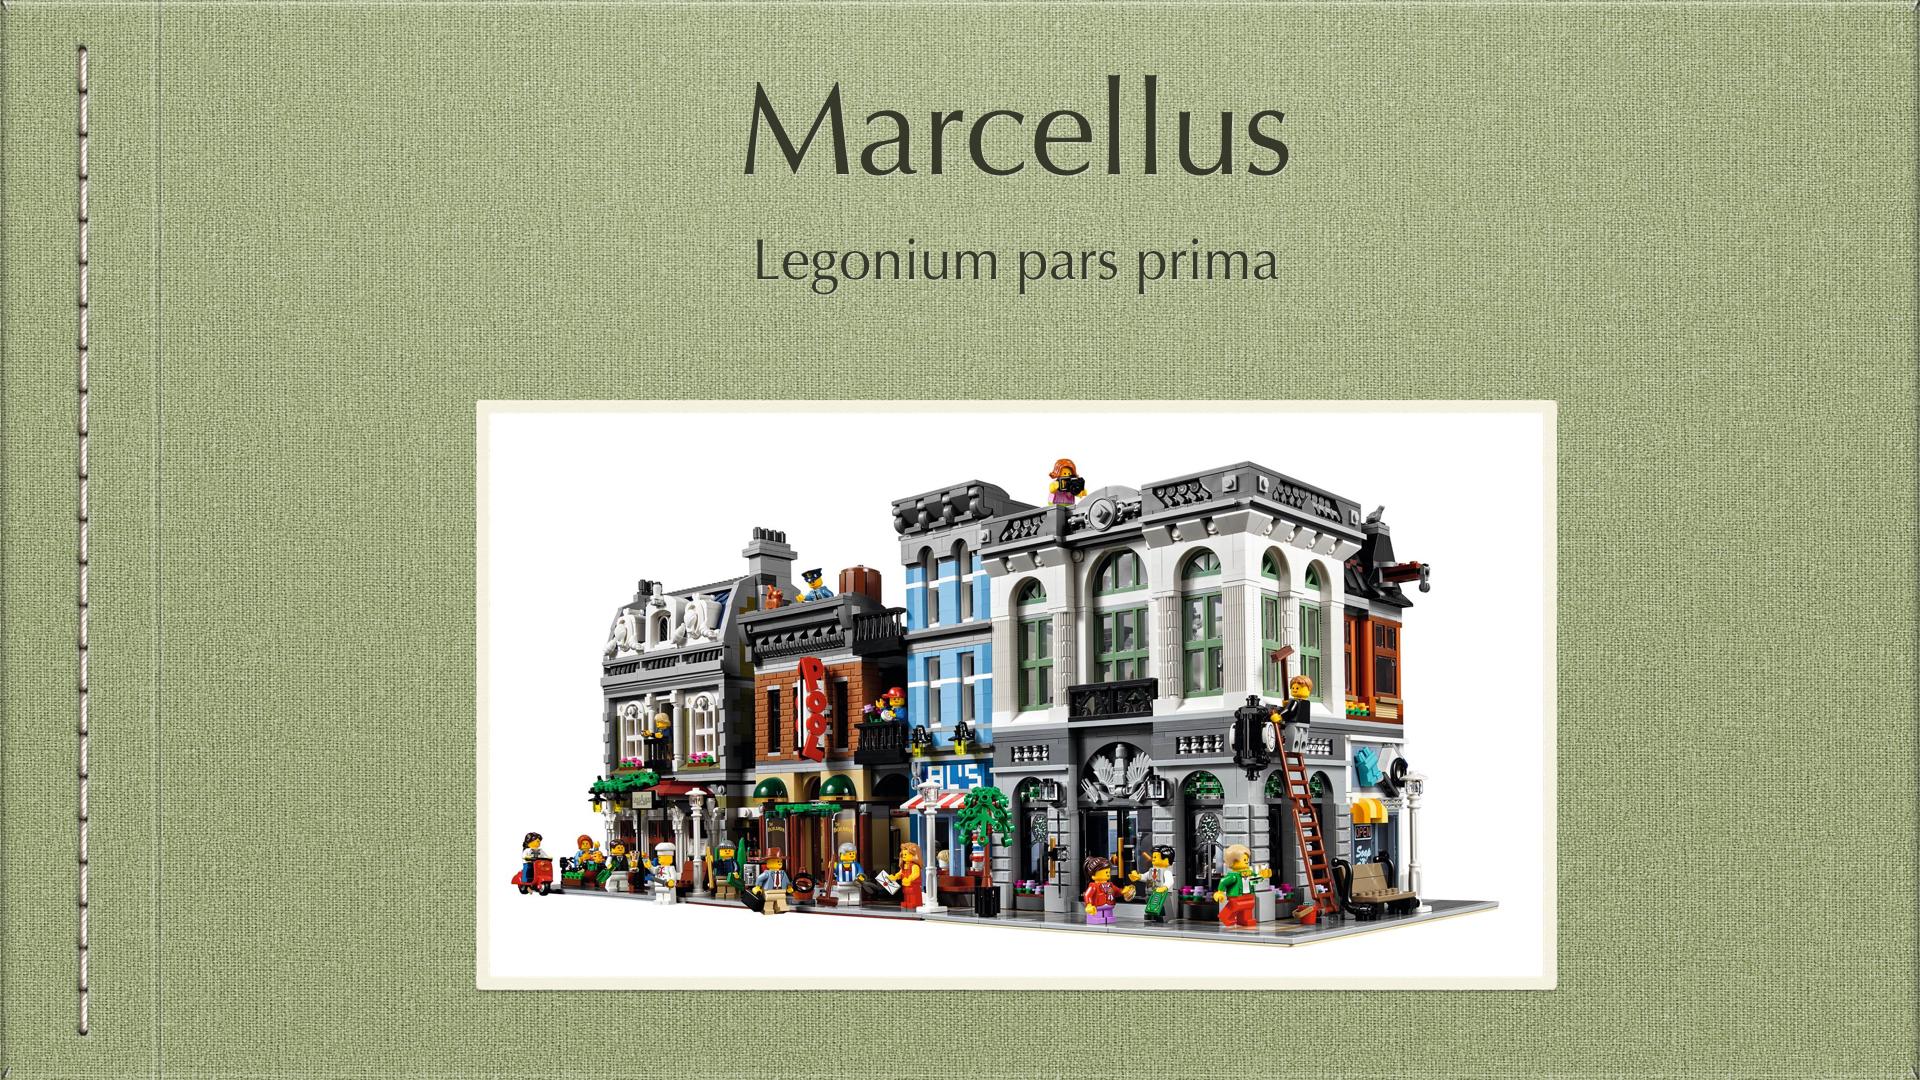 Legonium 1 : Marcellus.001.jpeg